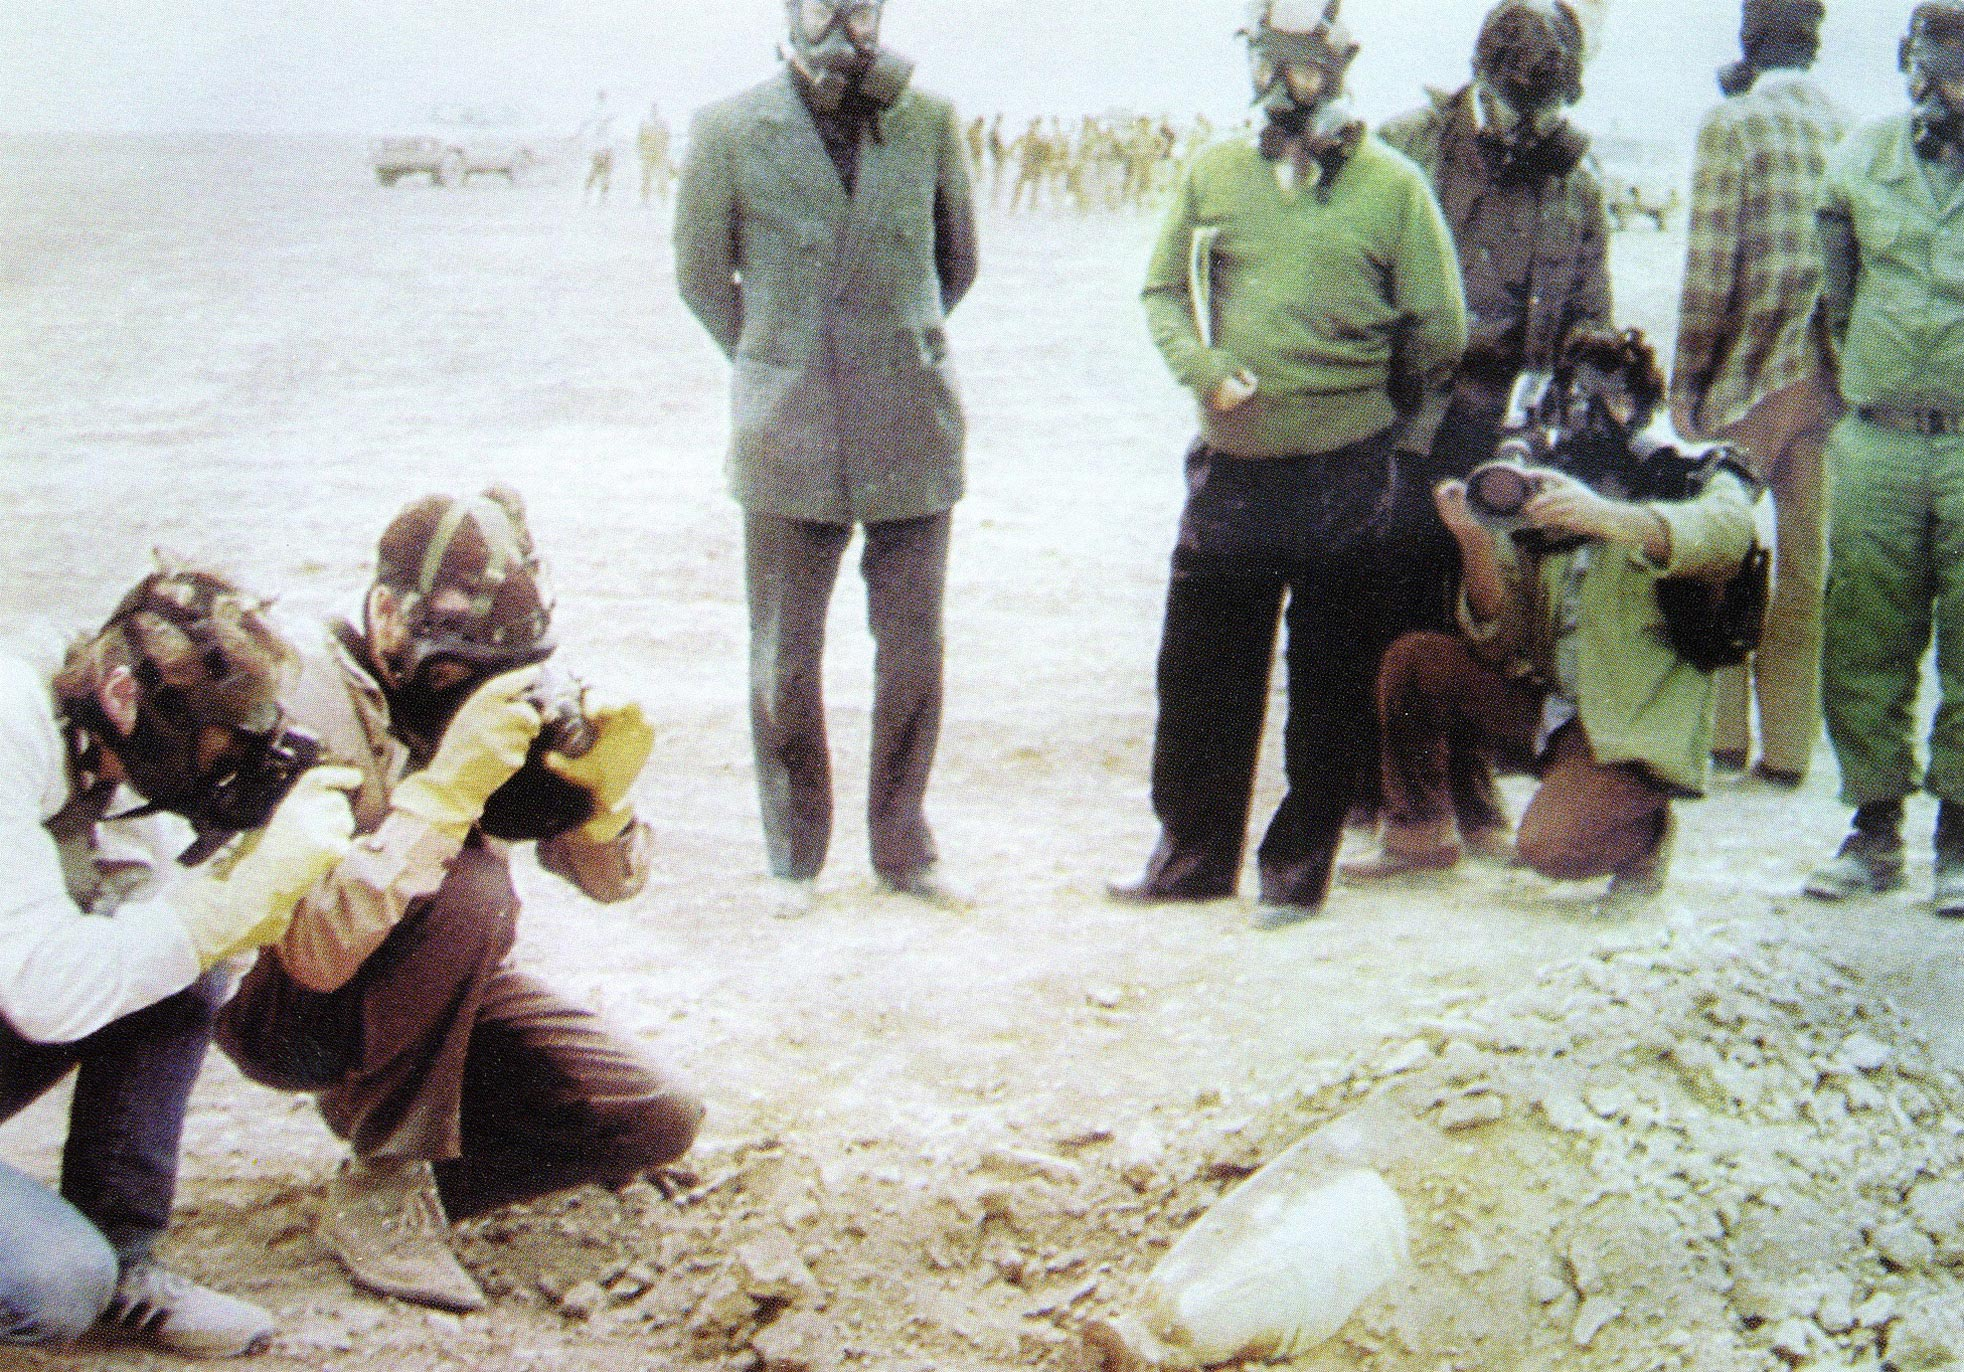 نتیجه حمایت پنج عضو شورای امنیت از صدام چه بود؟!